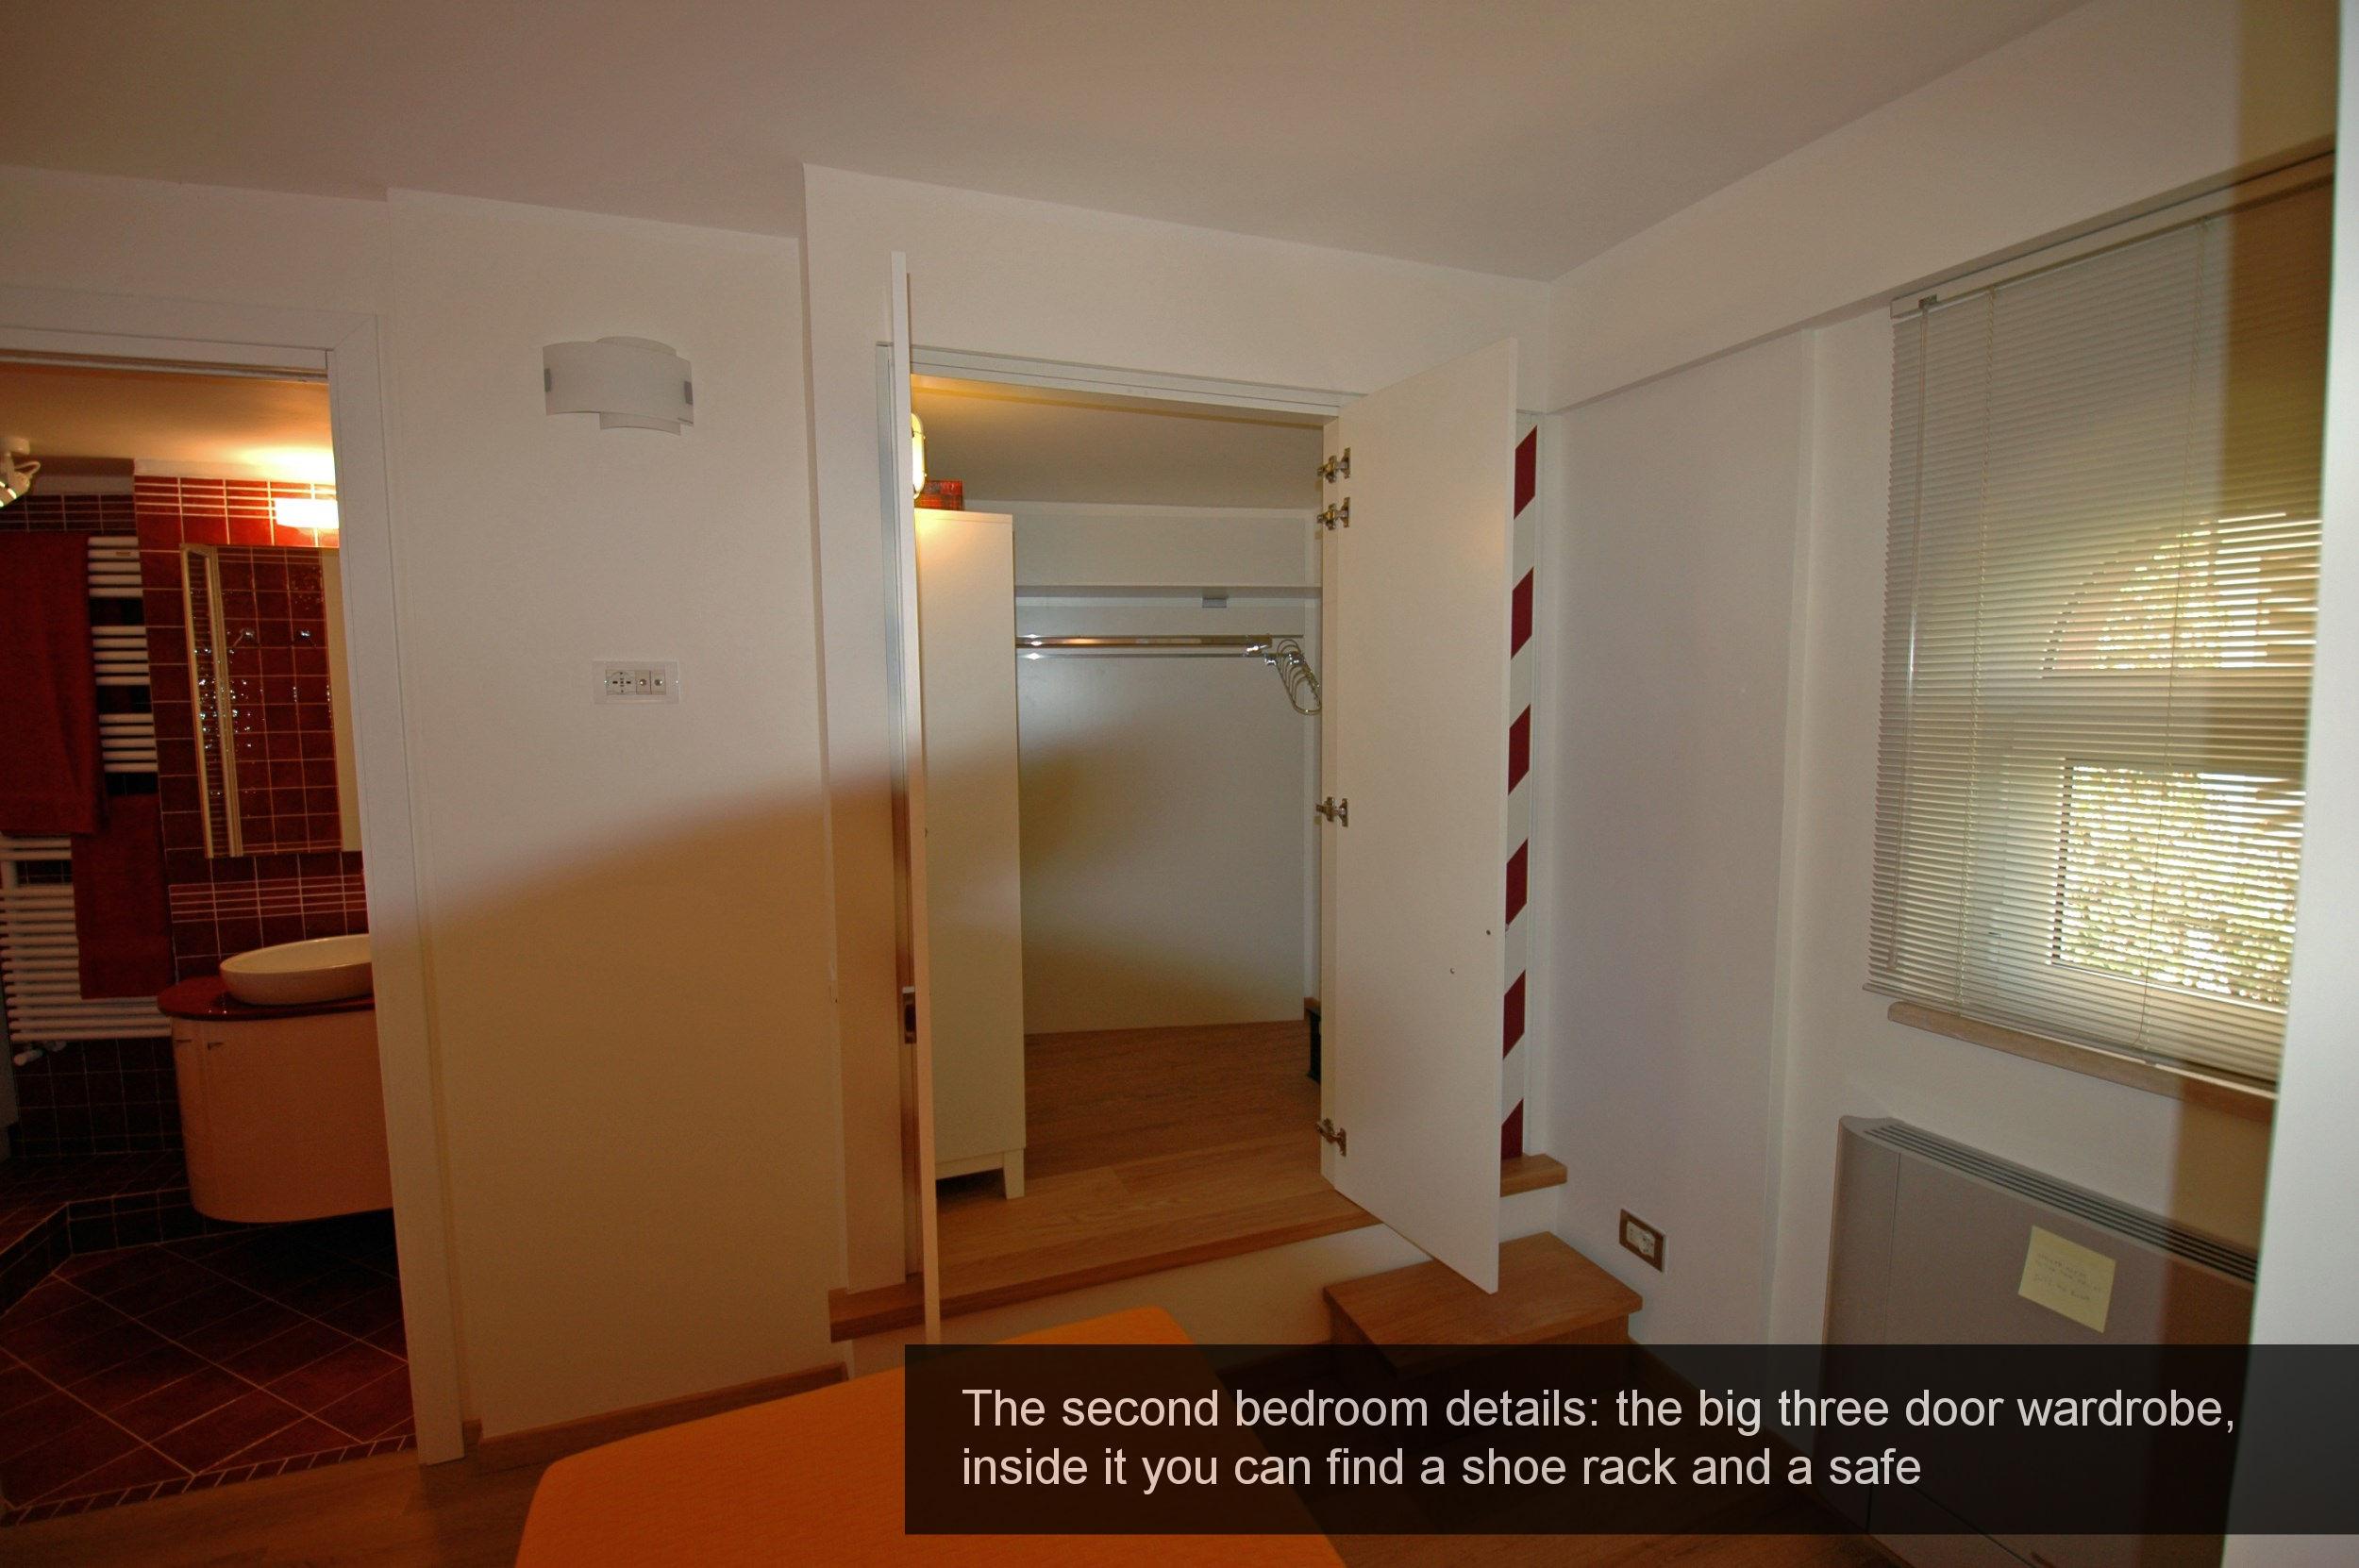 18) Details wardrobe, shoe rack and a safe, second bedroom